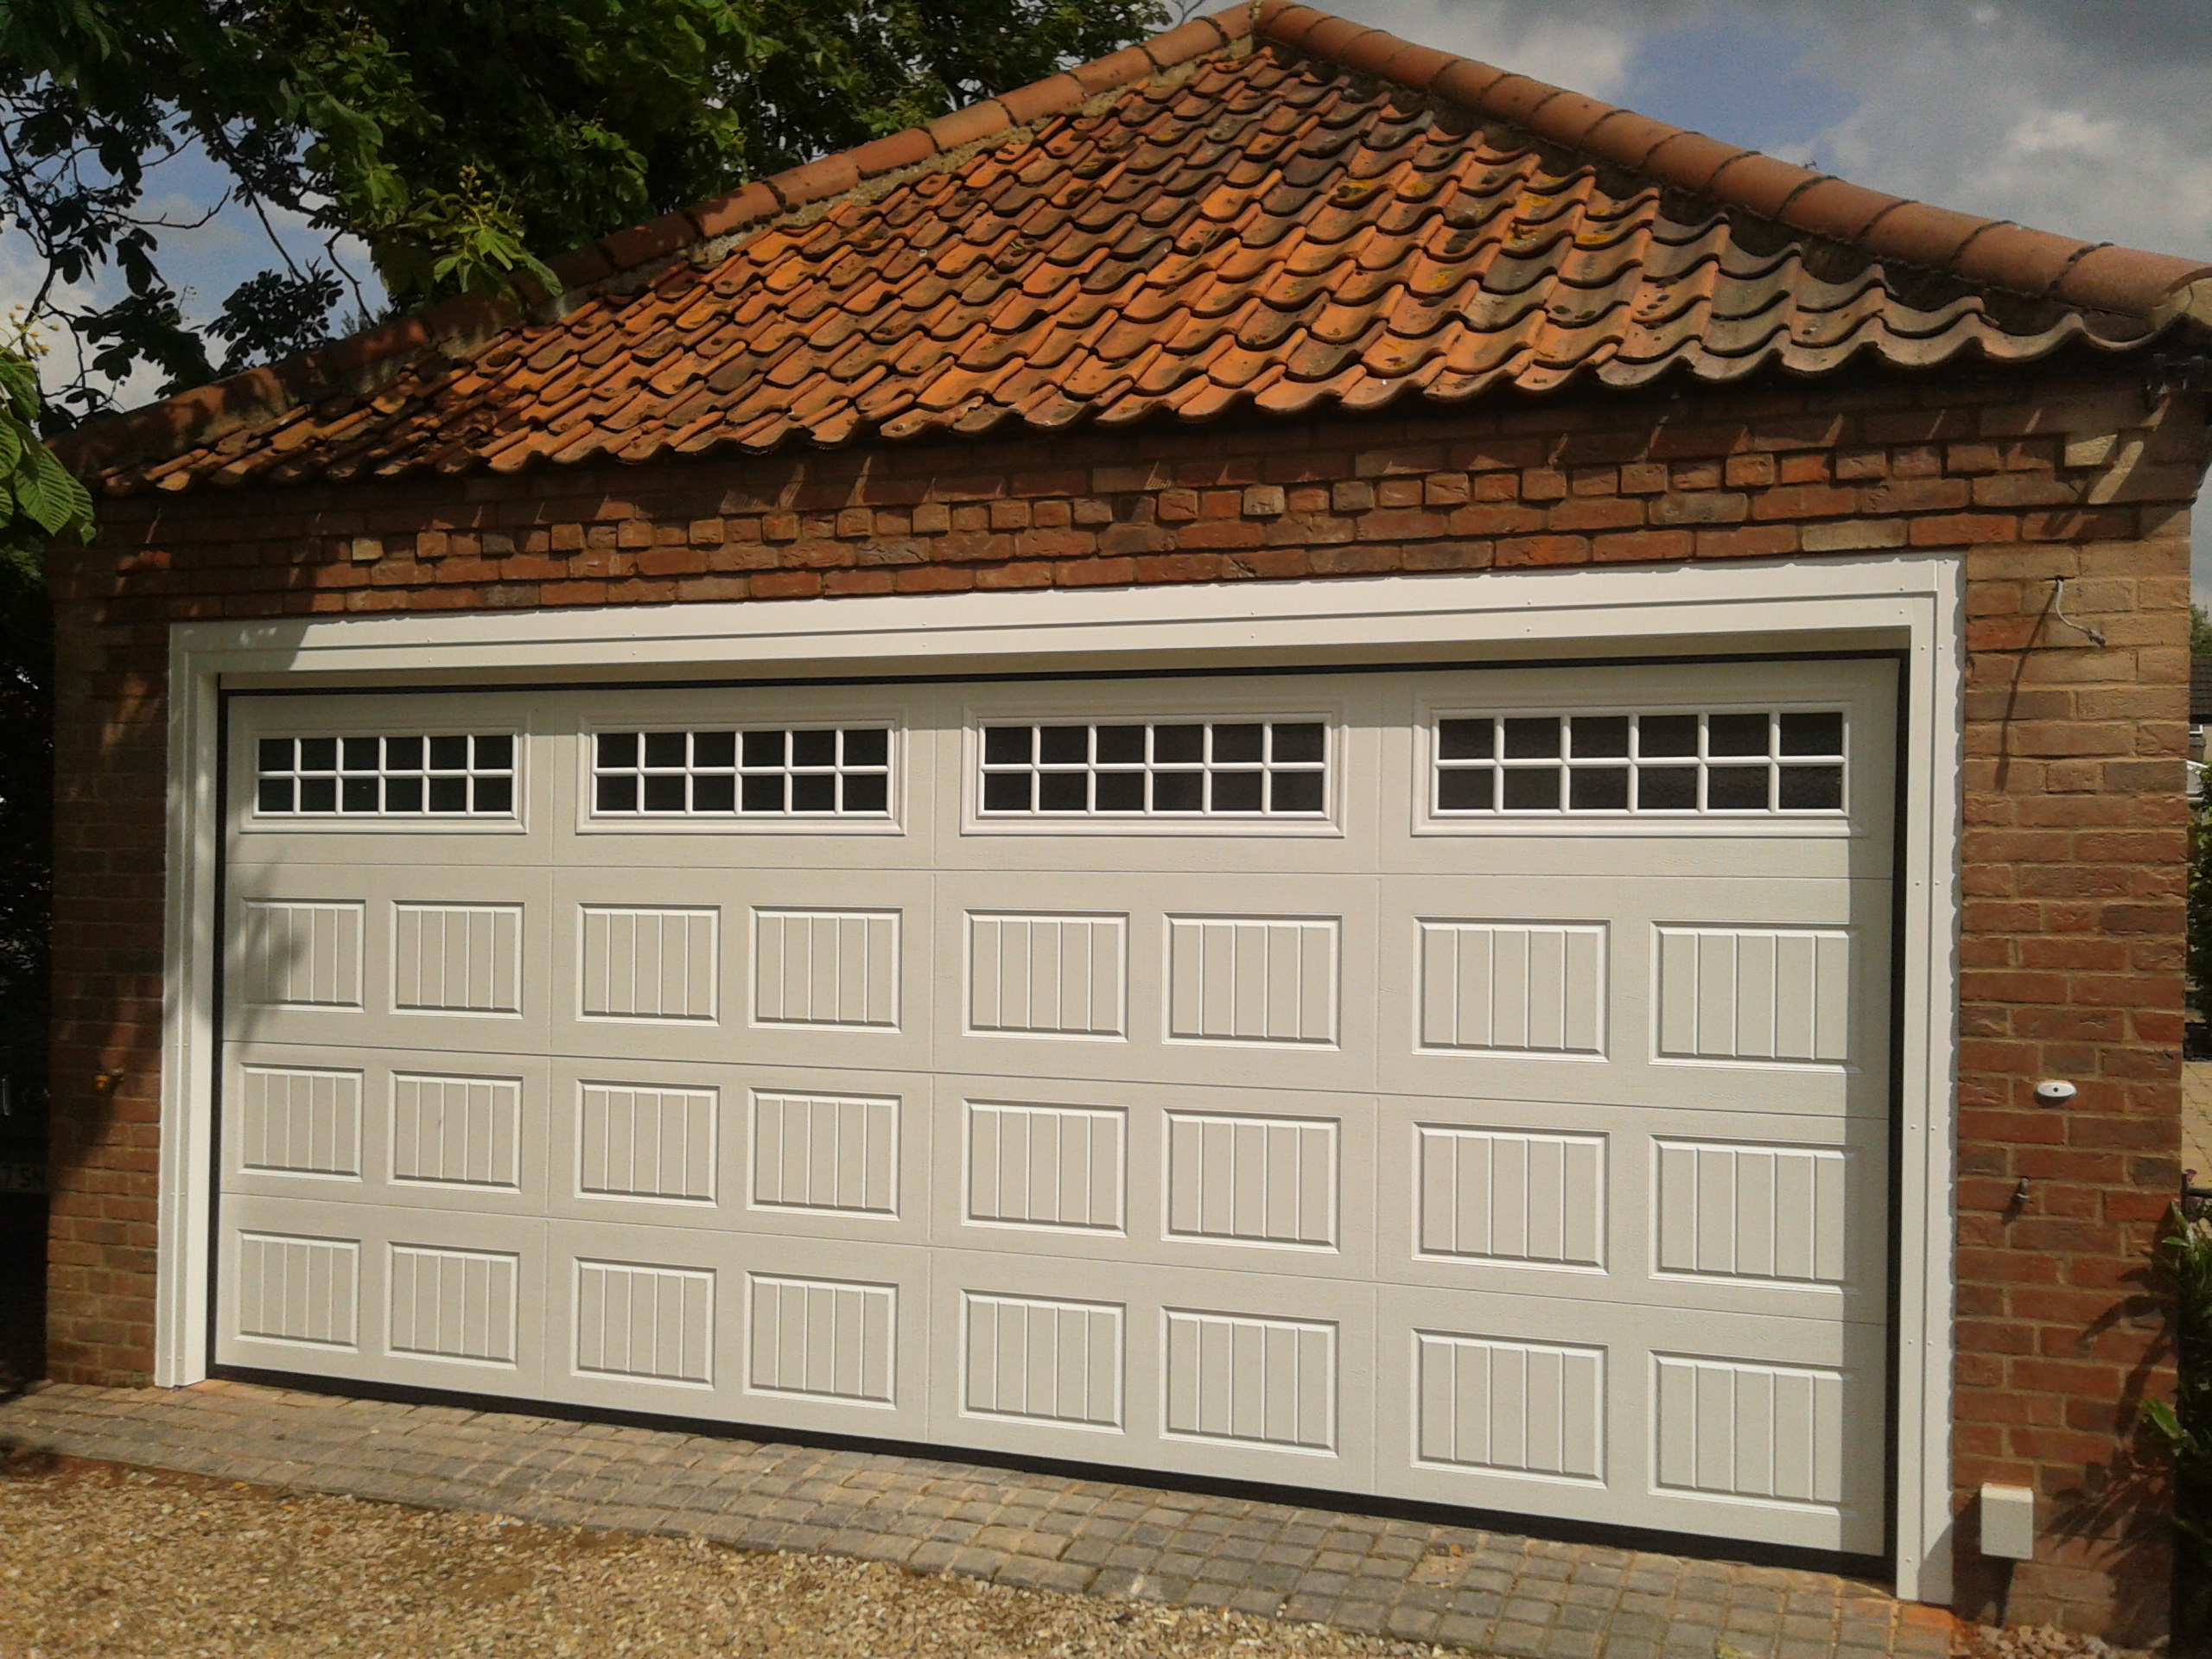 Double automatic garage door garage door company grantham for Two door garage